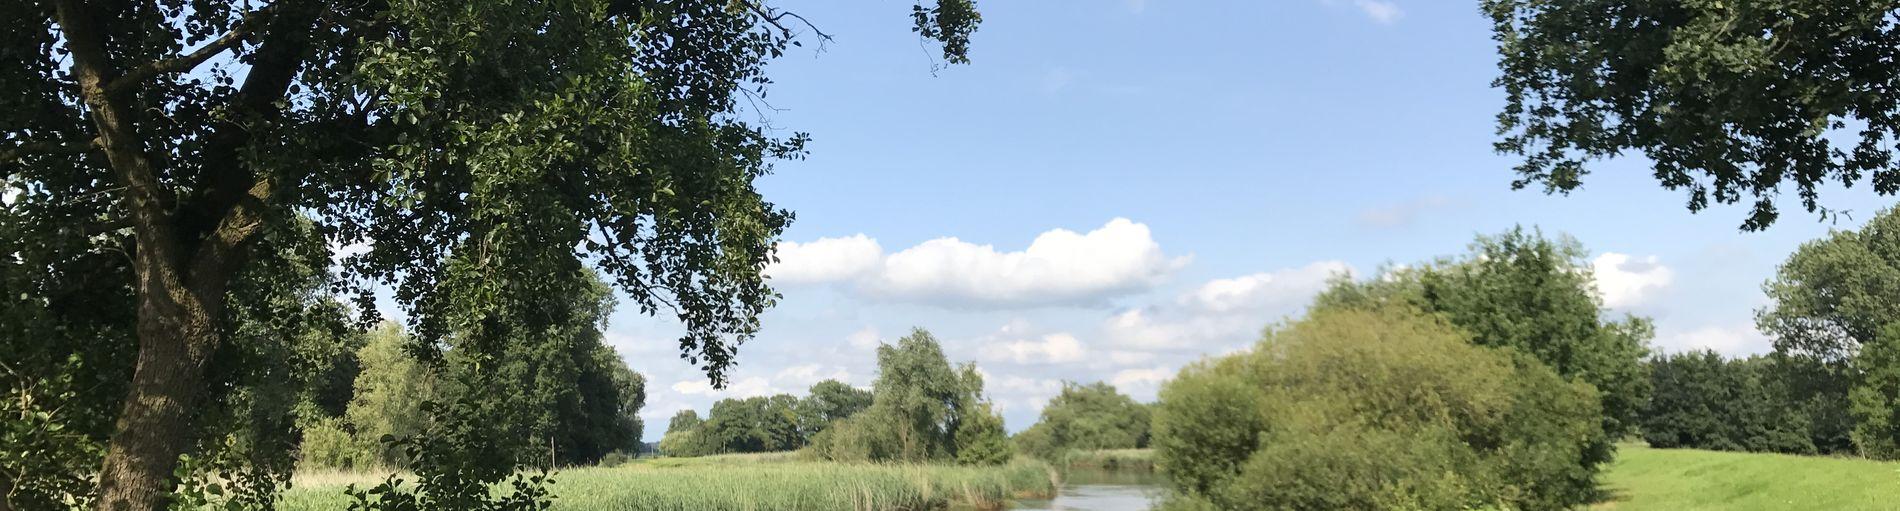 Ein Fluss, der von grünen Wiesen und Bäumen umgeben ist.